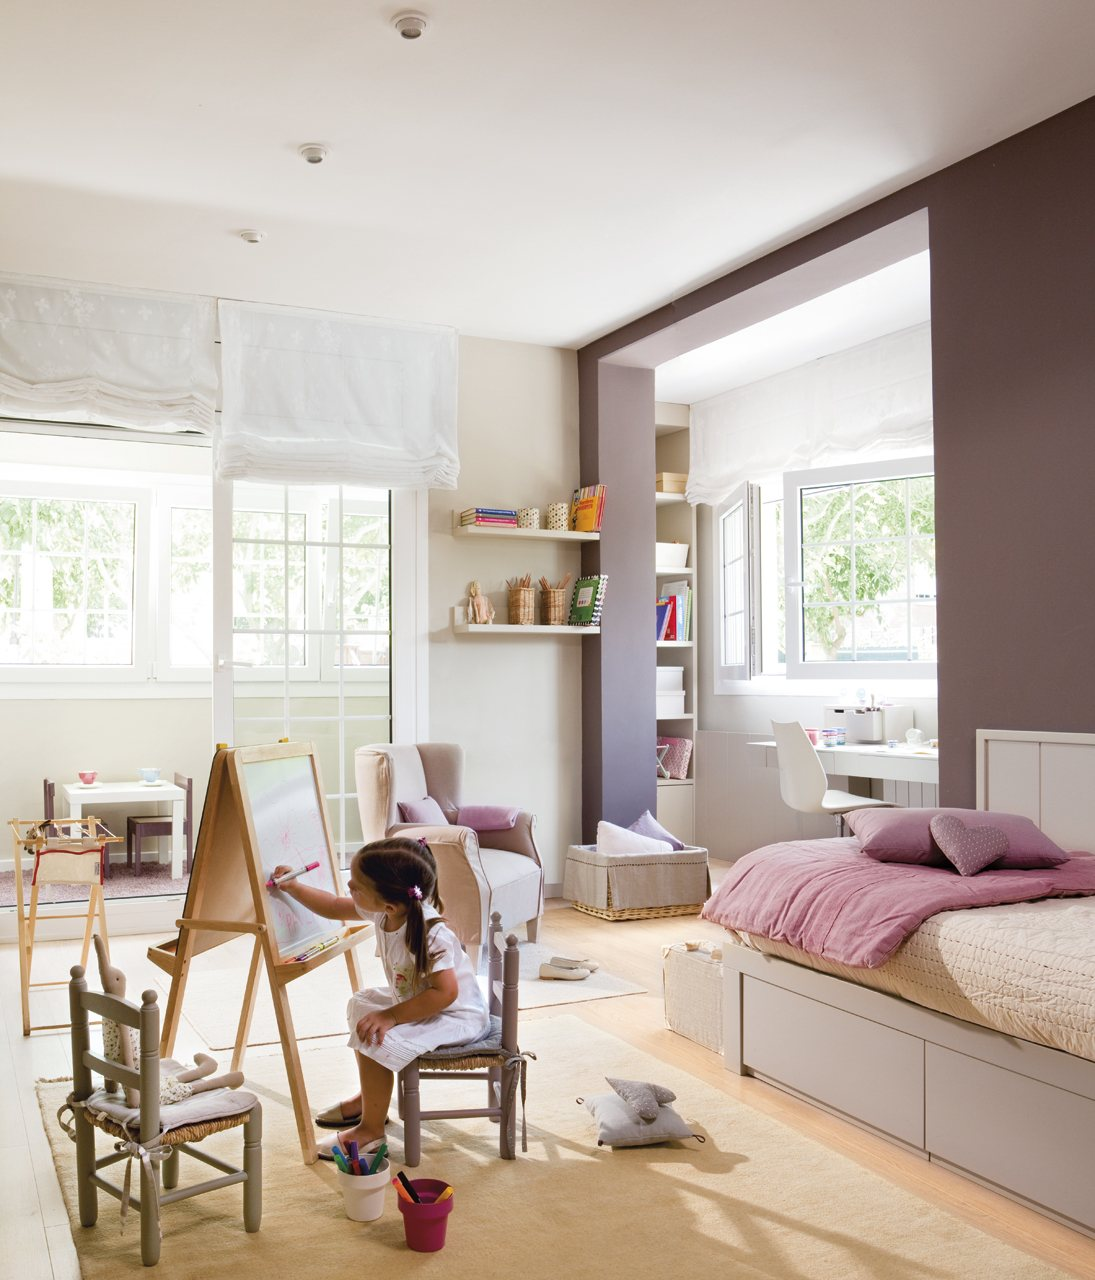 Un dormitorio muy completo lleno de luz y color - Habitaciones ninos el mueble ...